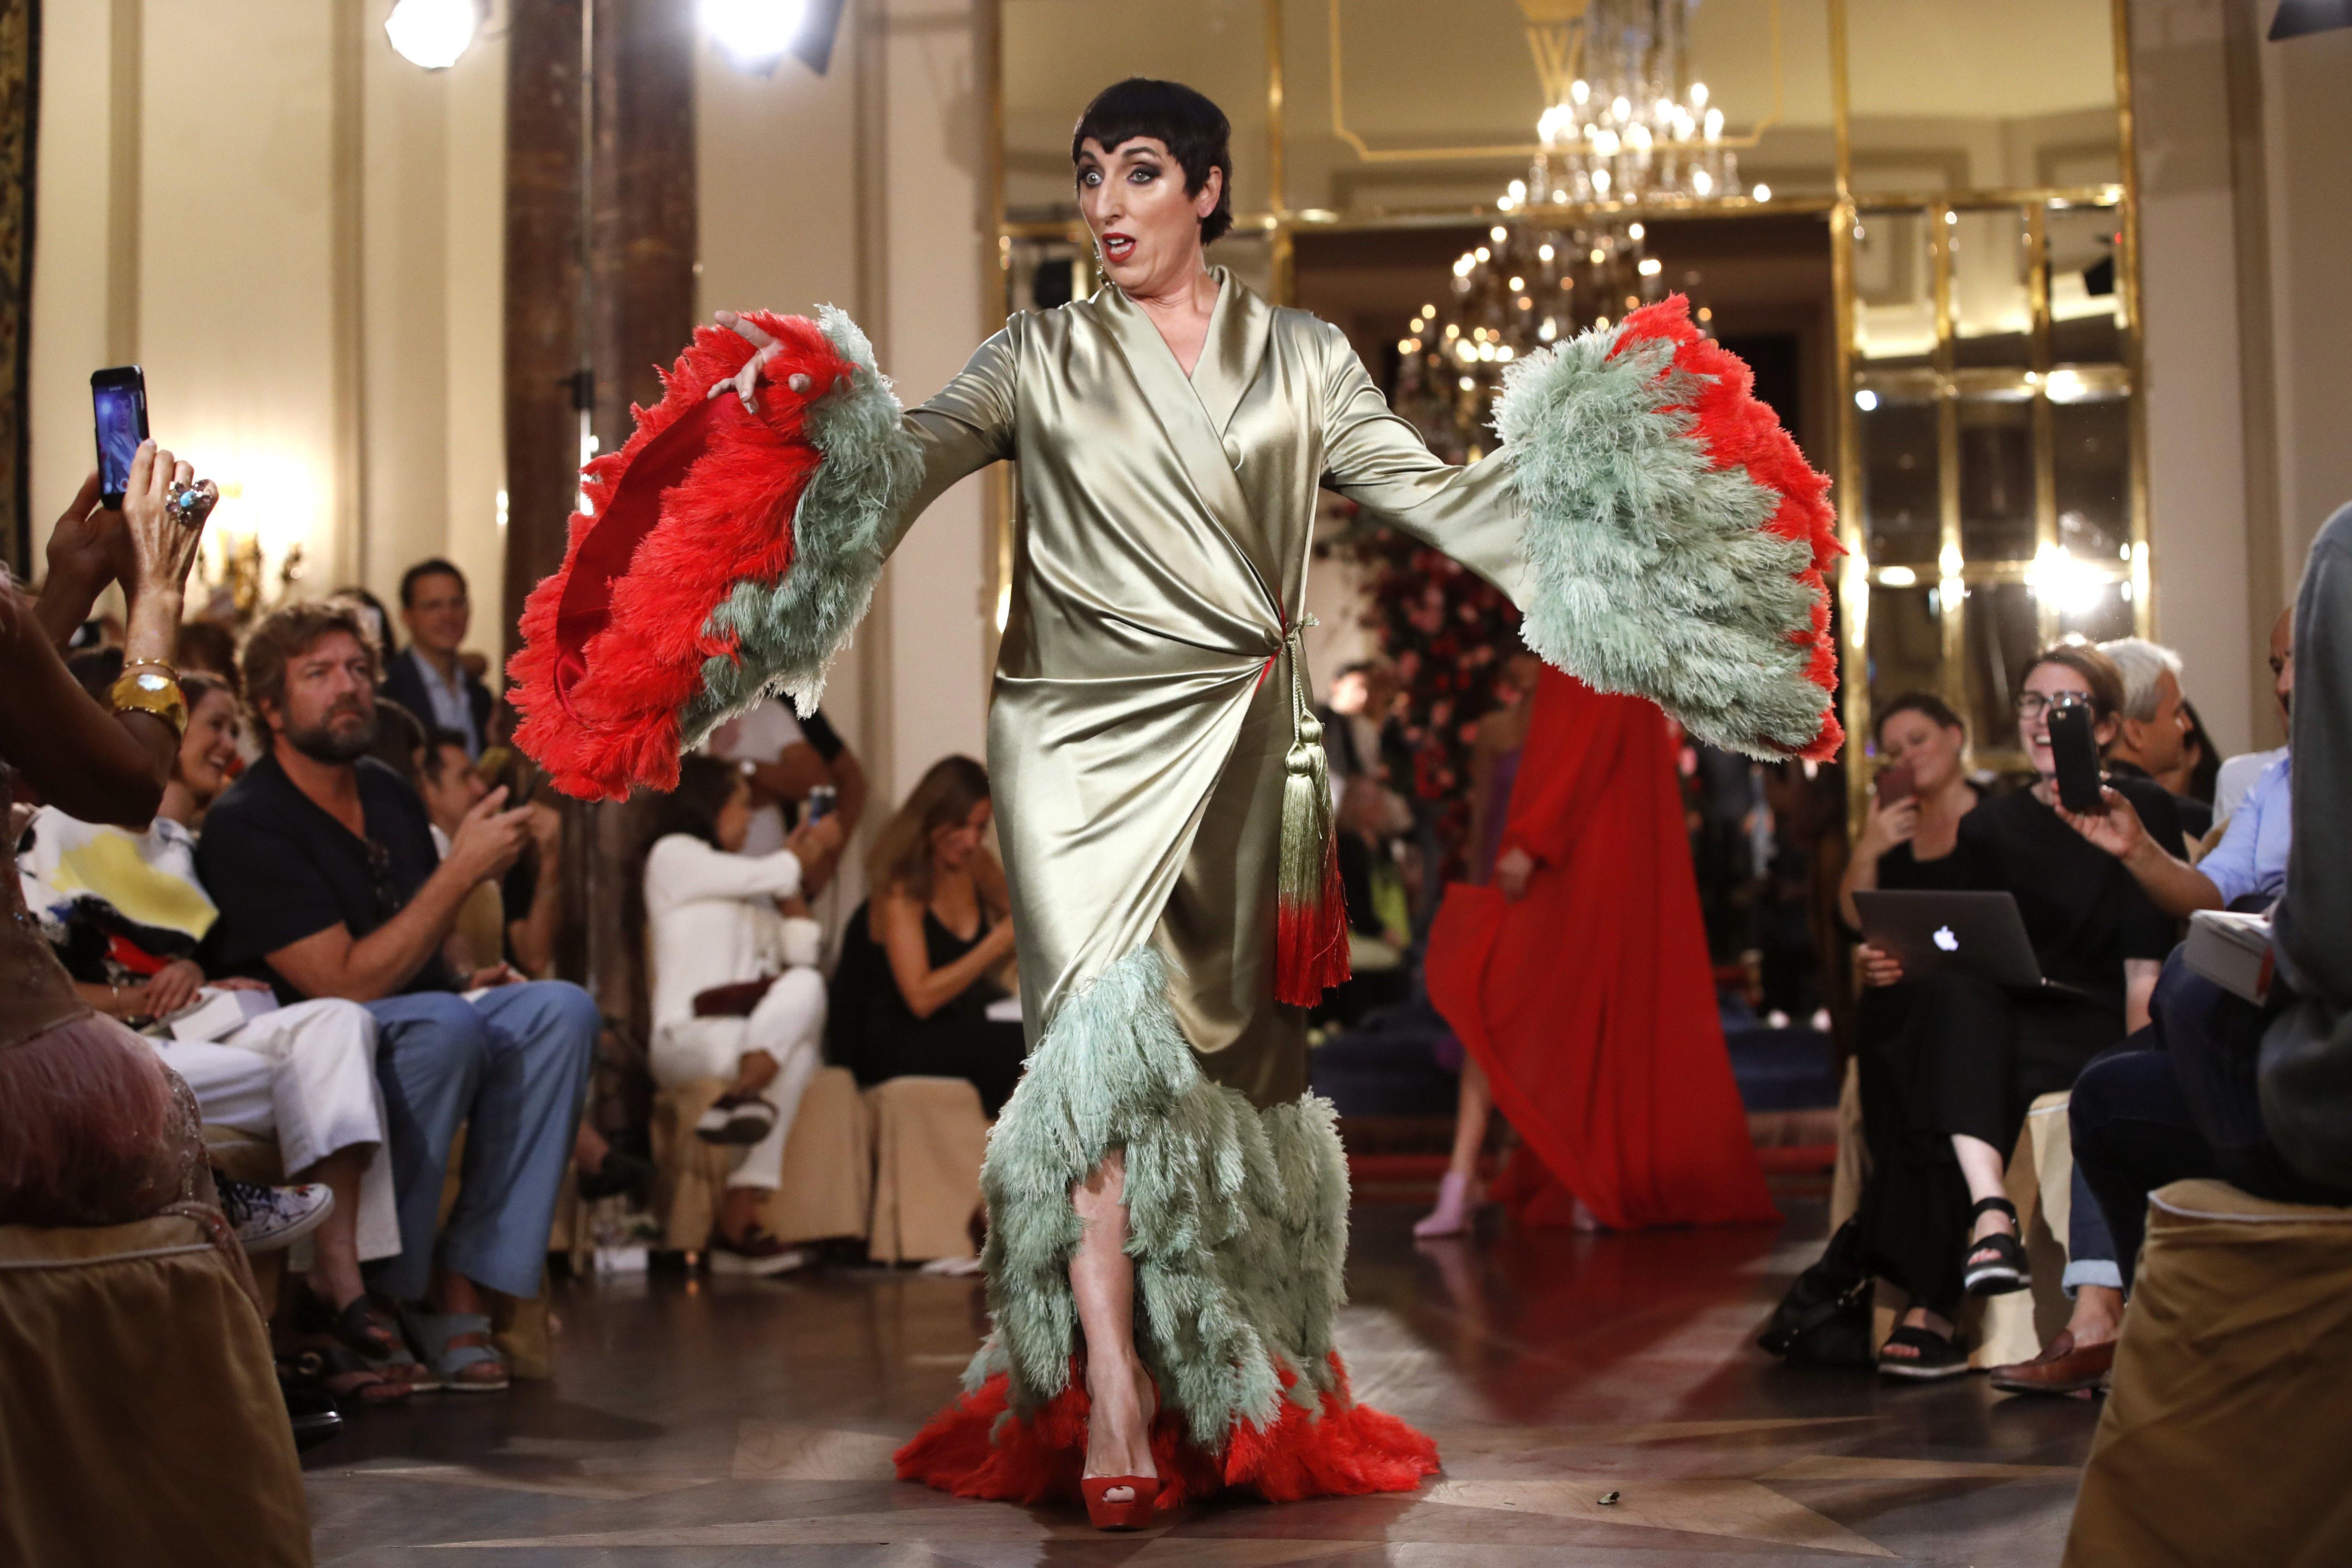 L'actriu Rossy de Palma desfila amb un dels dissenys de Palomo Spain en la primera jornada de la passarel·la Fashion Week Madrid. /JUANJO MARTÍN